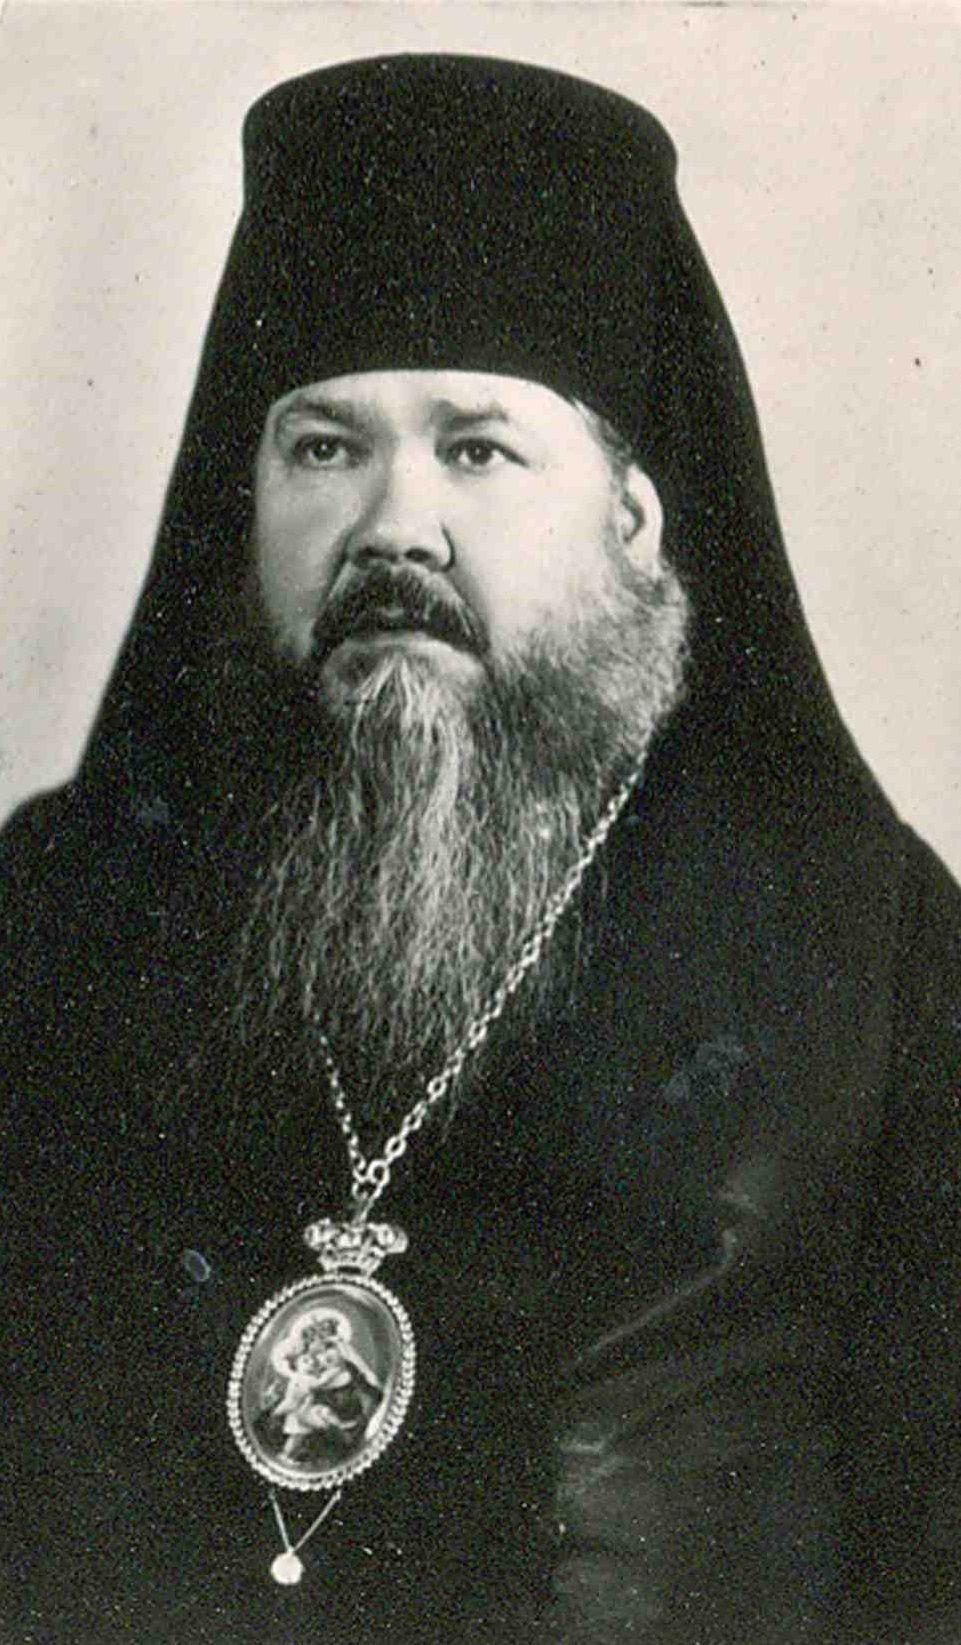 Епископ Нестор (Тугай) / hram-nikola.kiev.uа